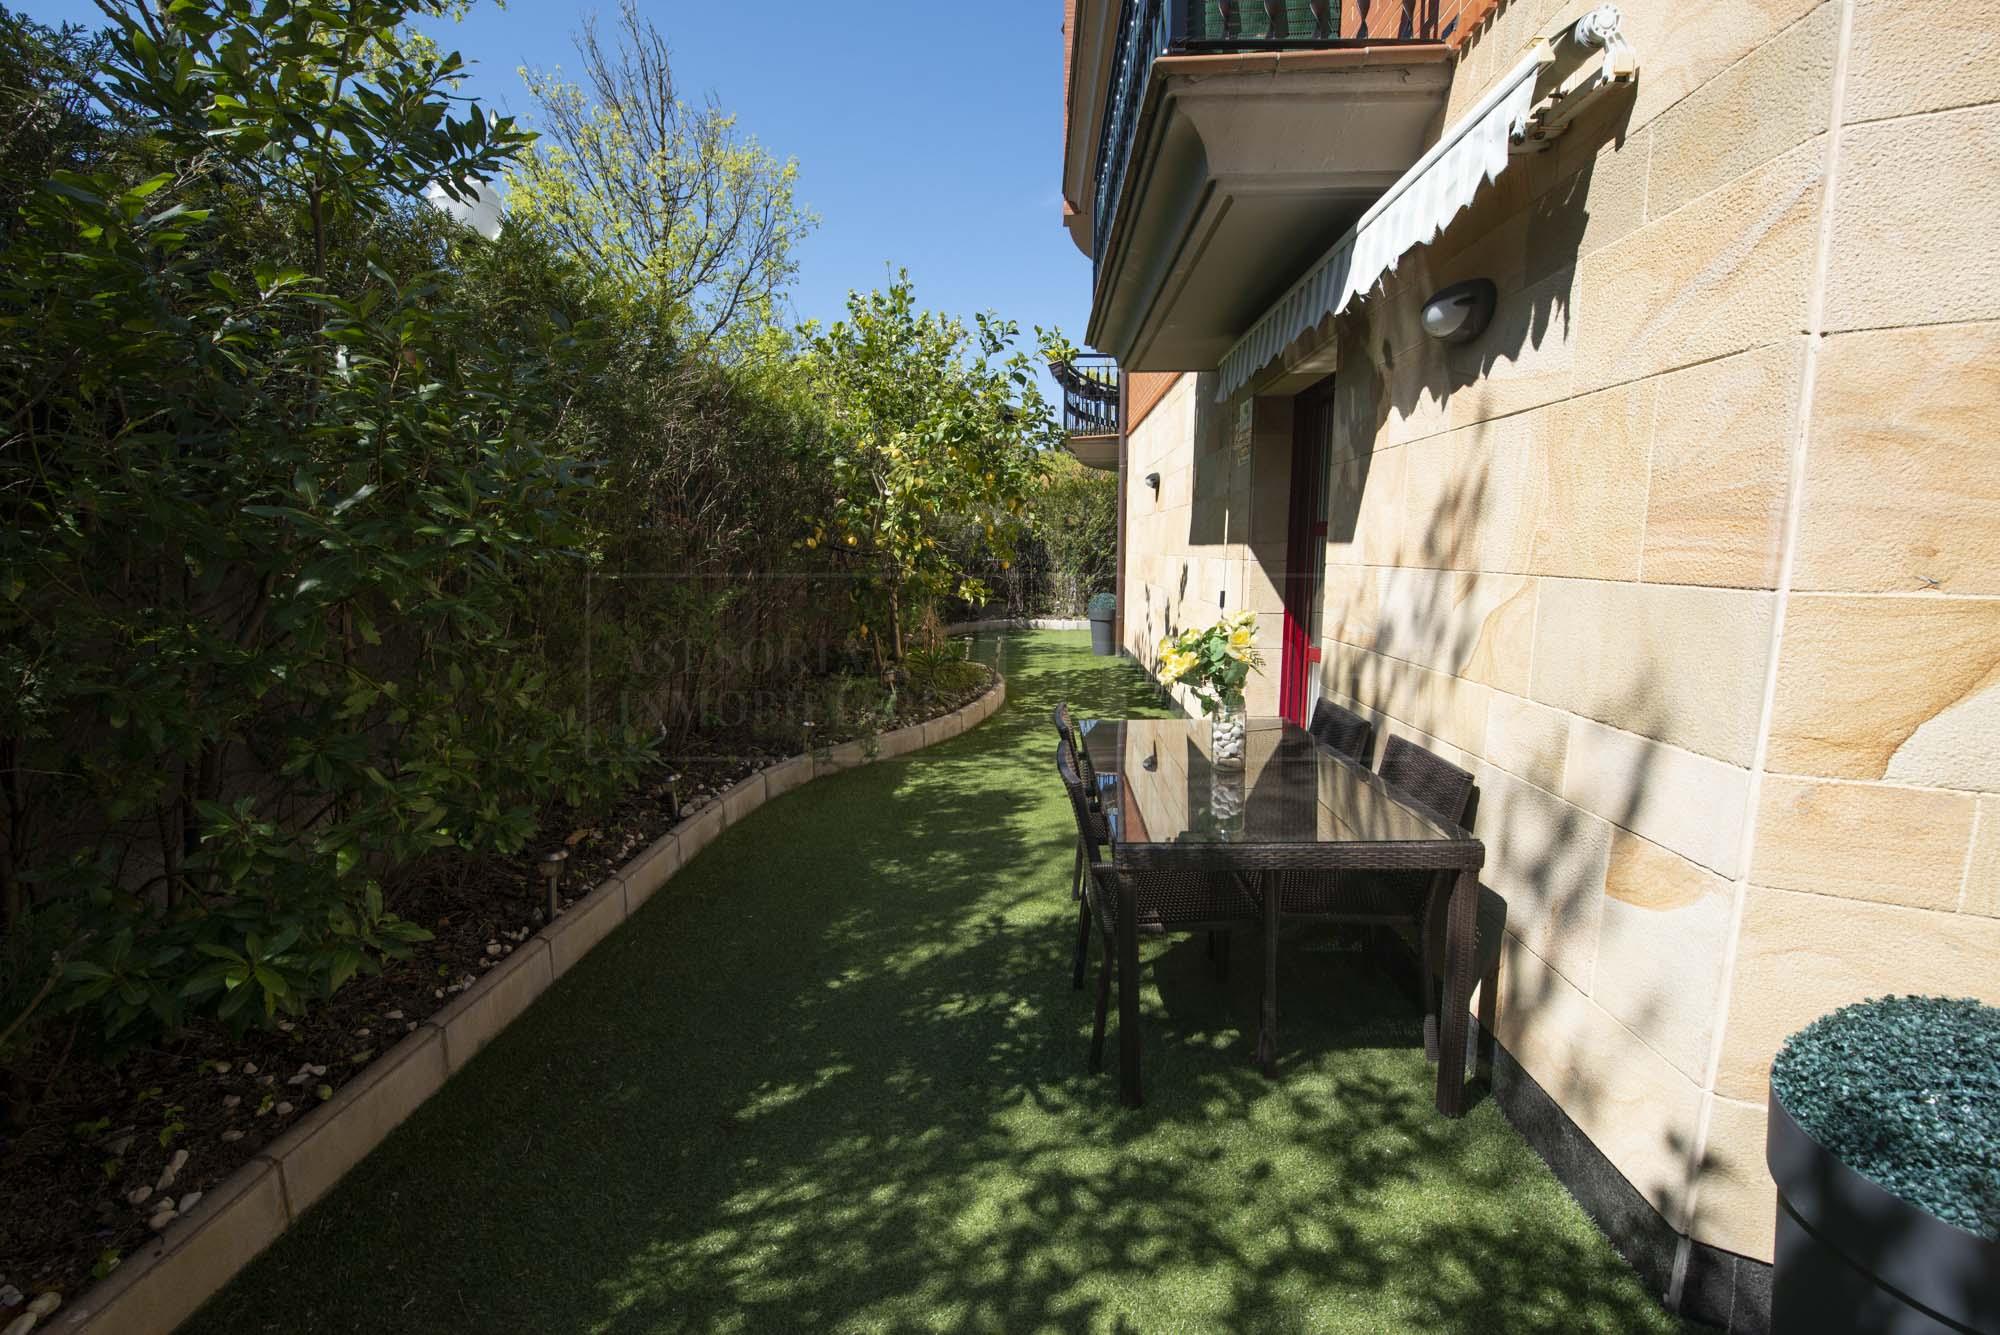 Mendibil,En urbanizacion privada con piscina, Duplex con terraza y garaje doble!!